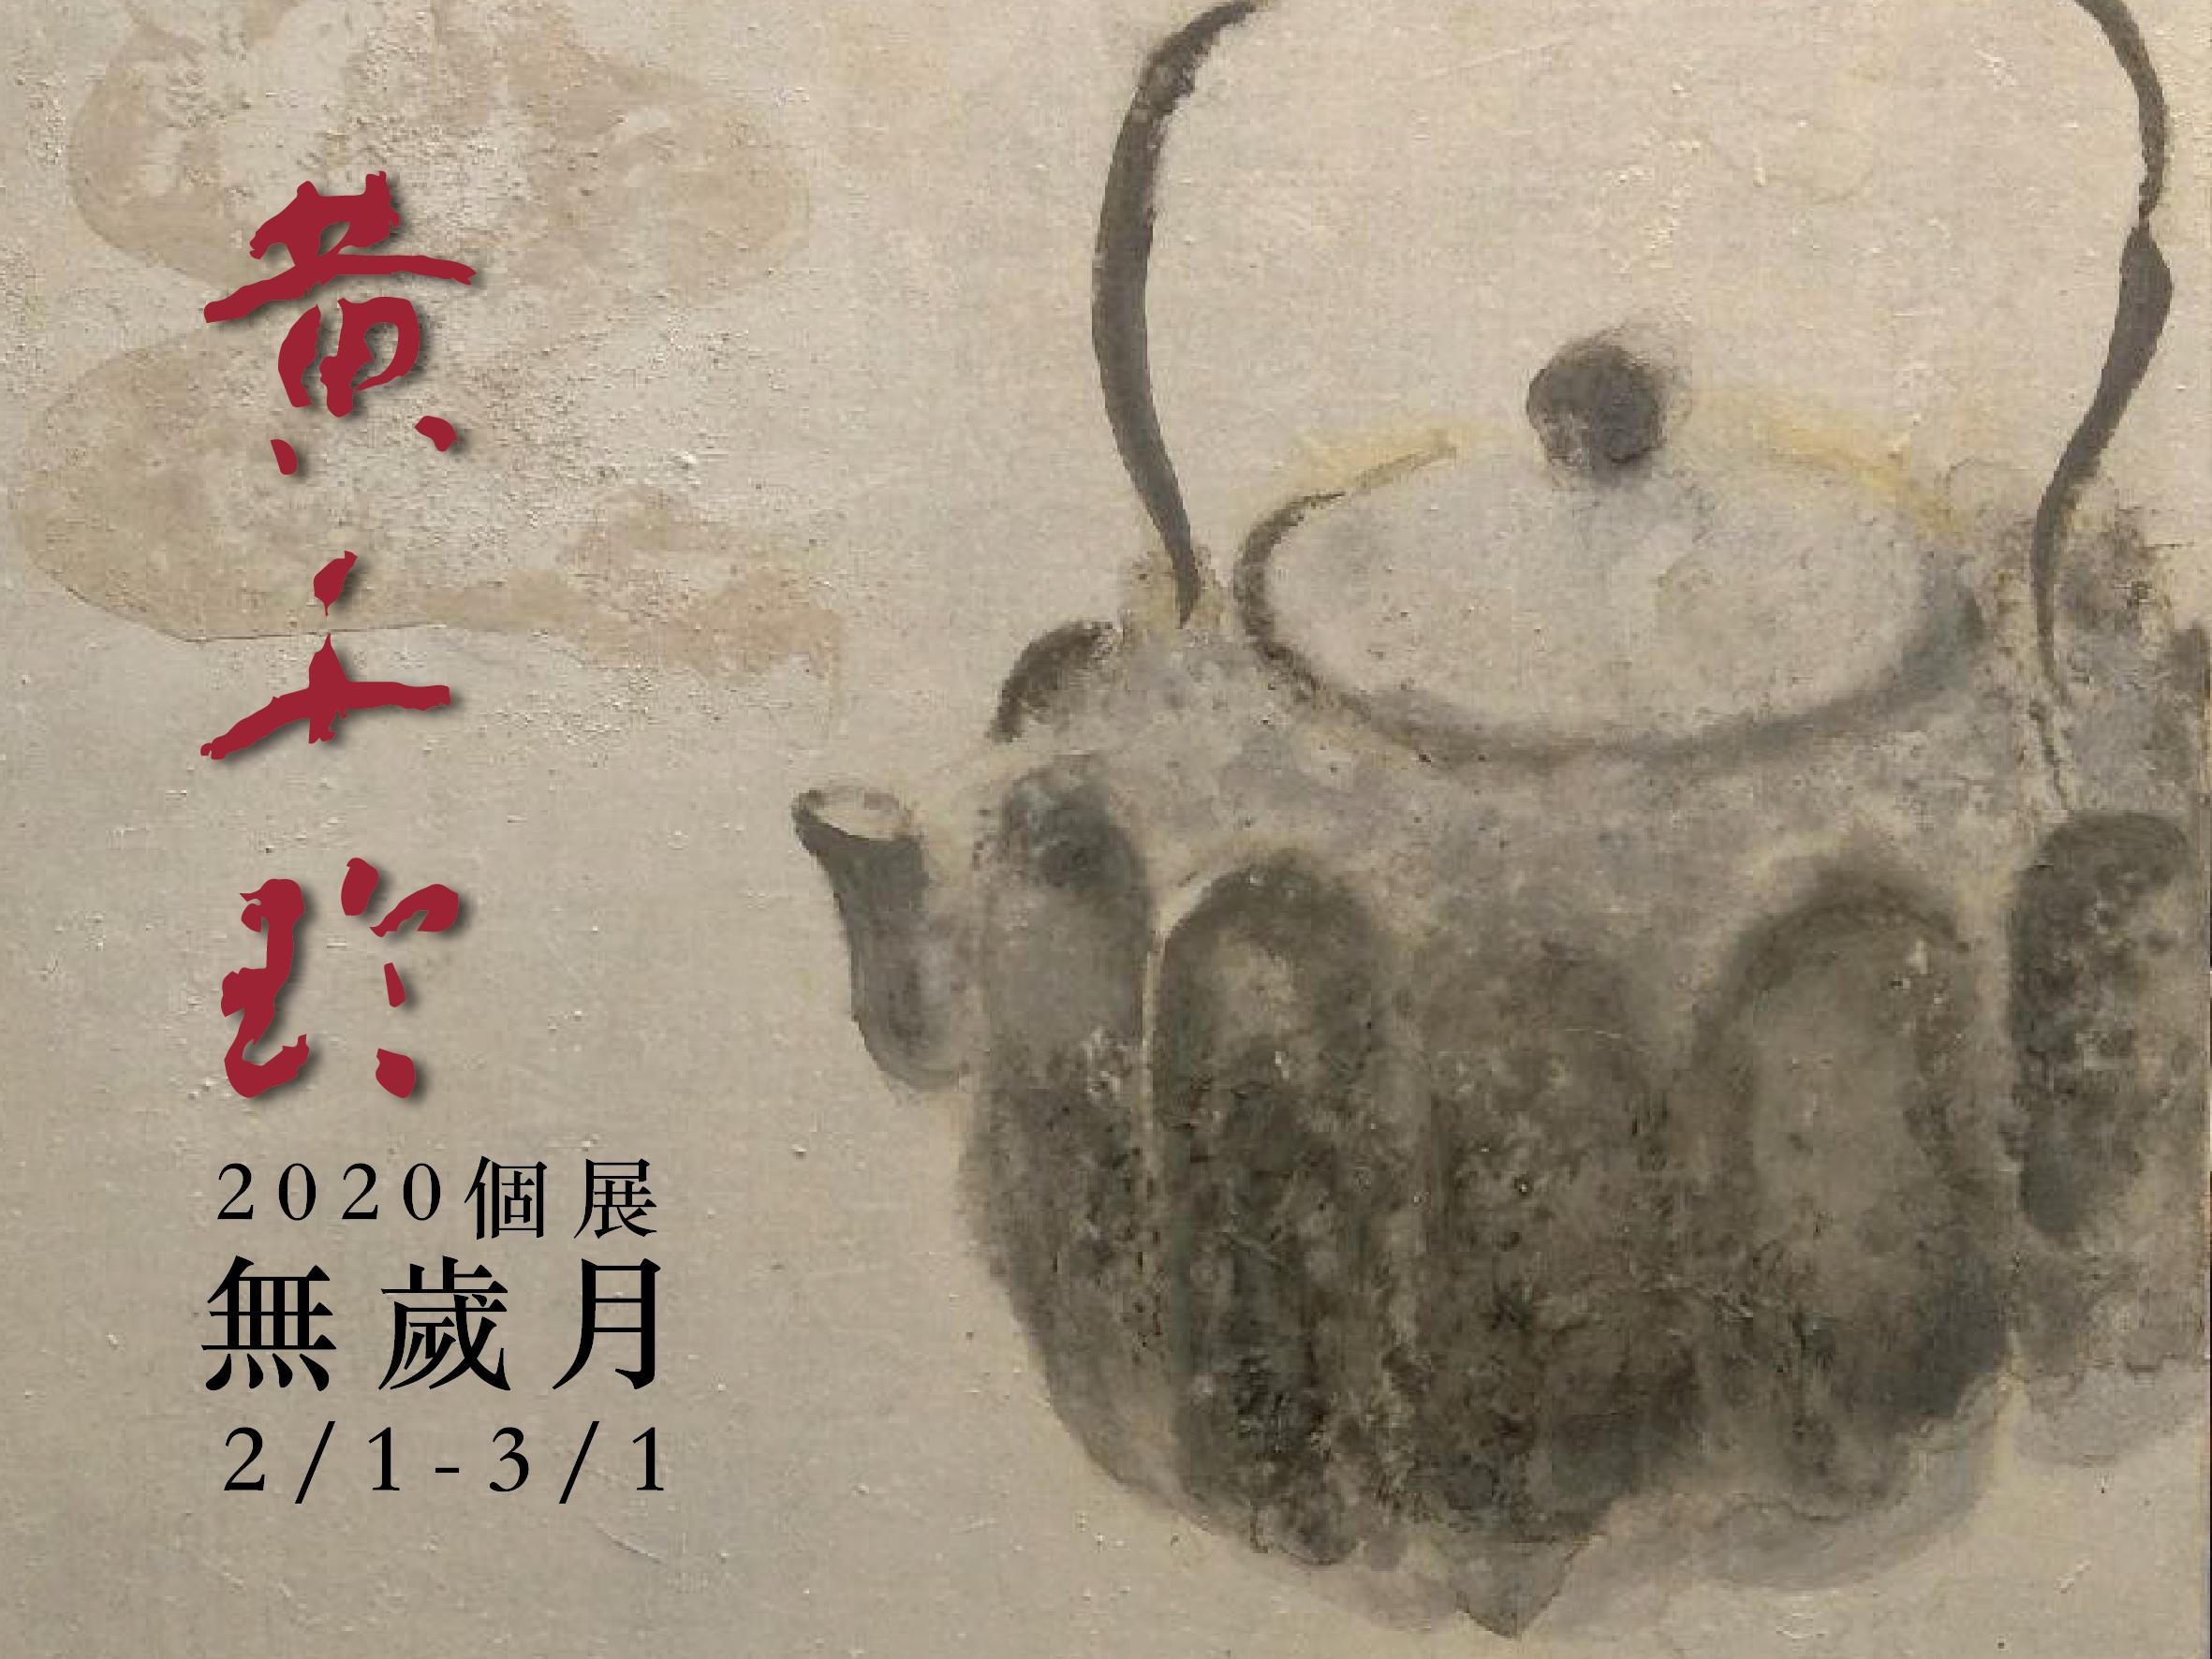 【傳習藝展】無歲月 黃千玲個展